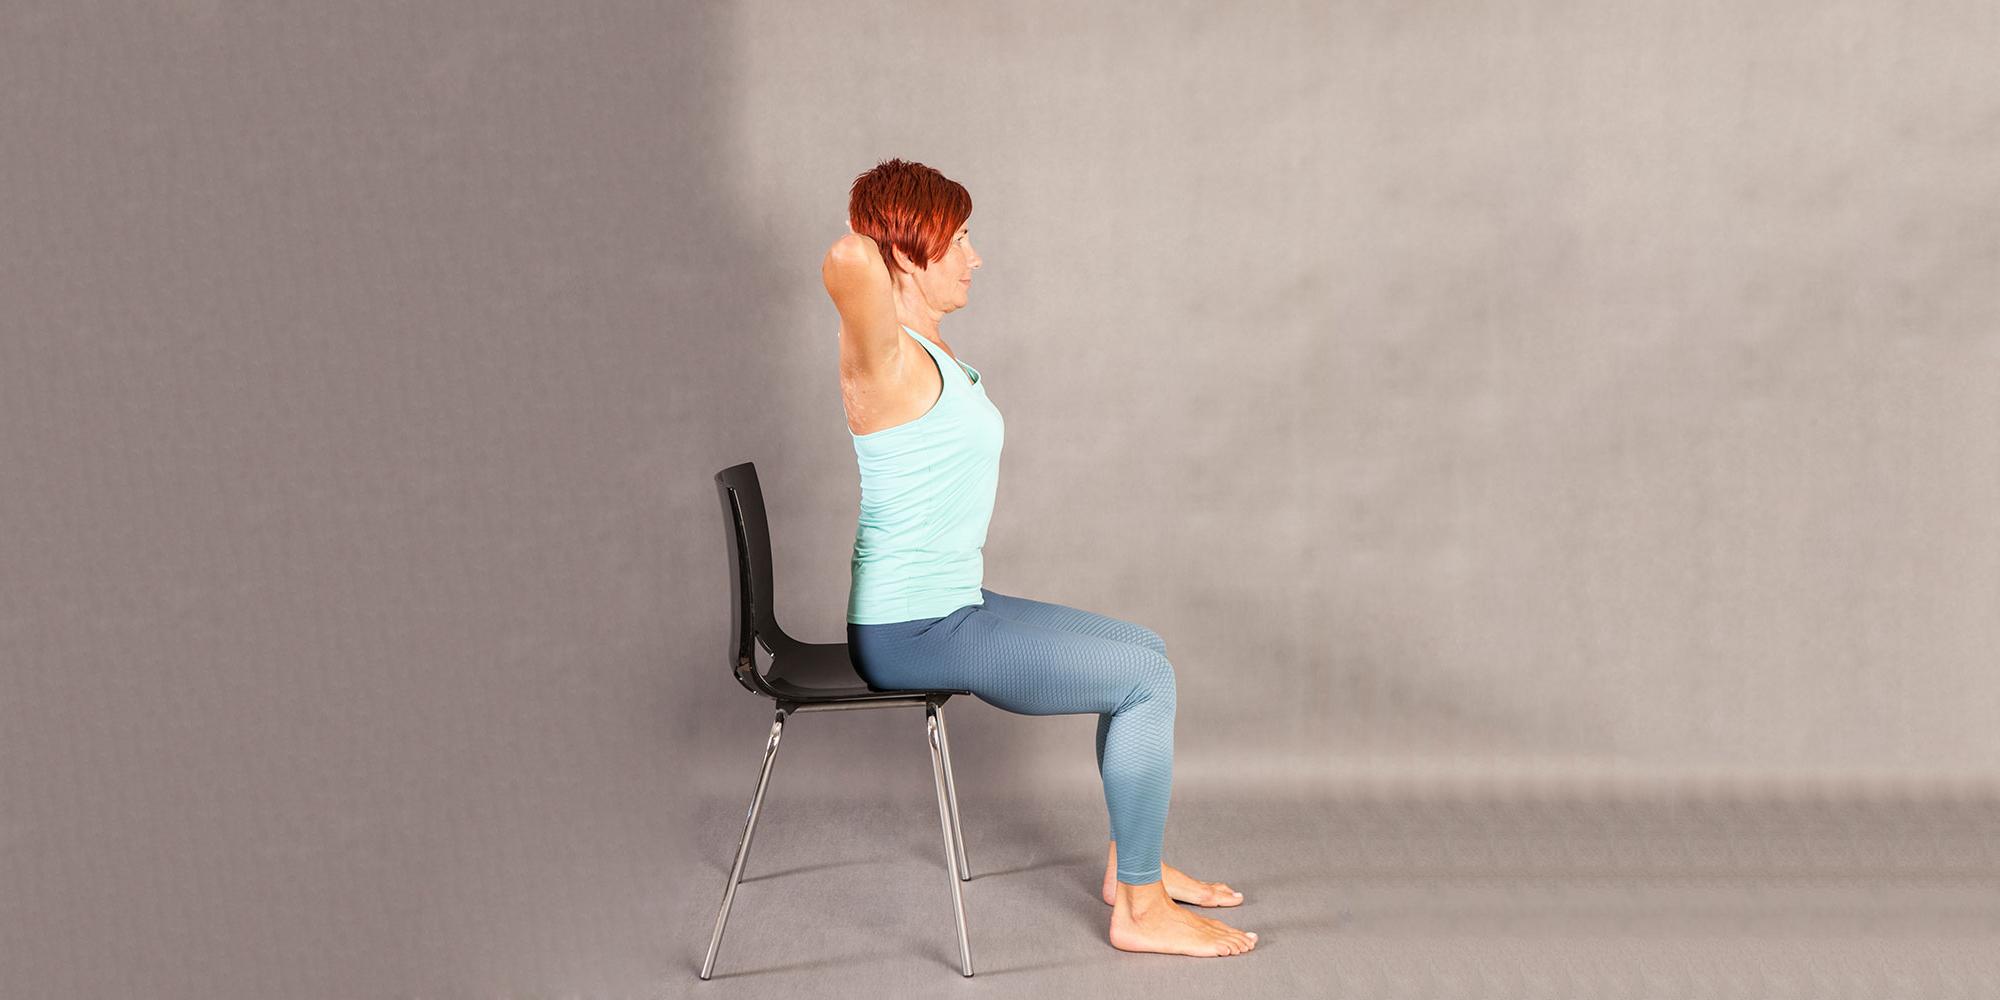 Fit pain free - Sit to Stand Weight  základní pozice